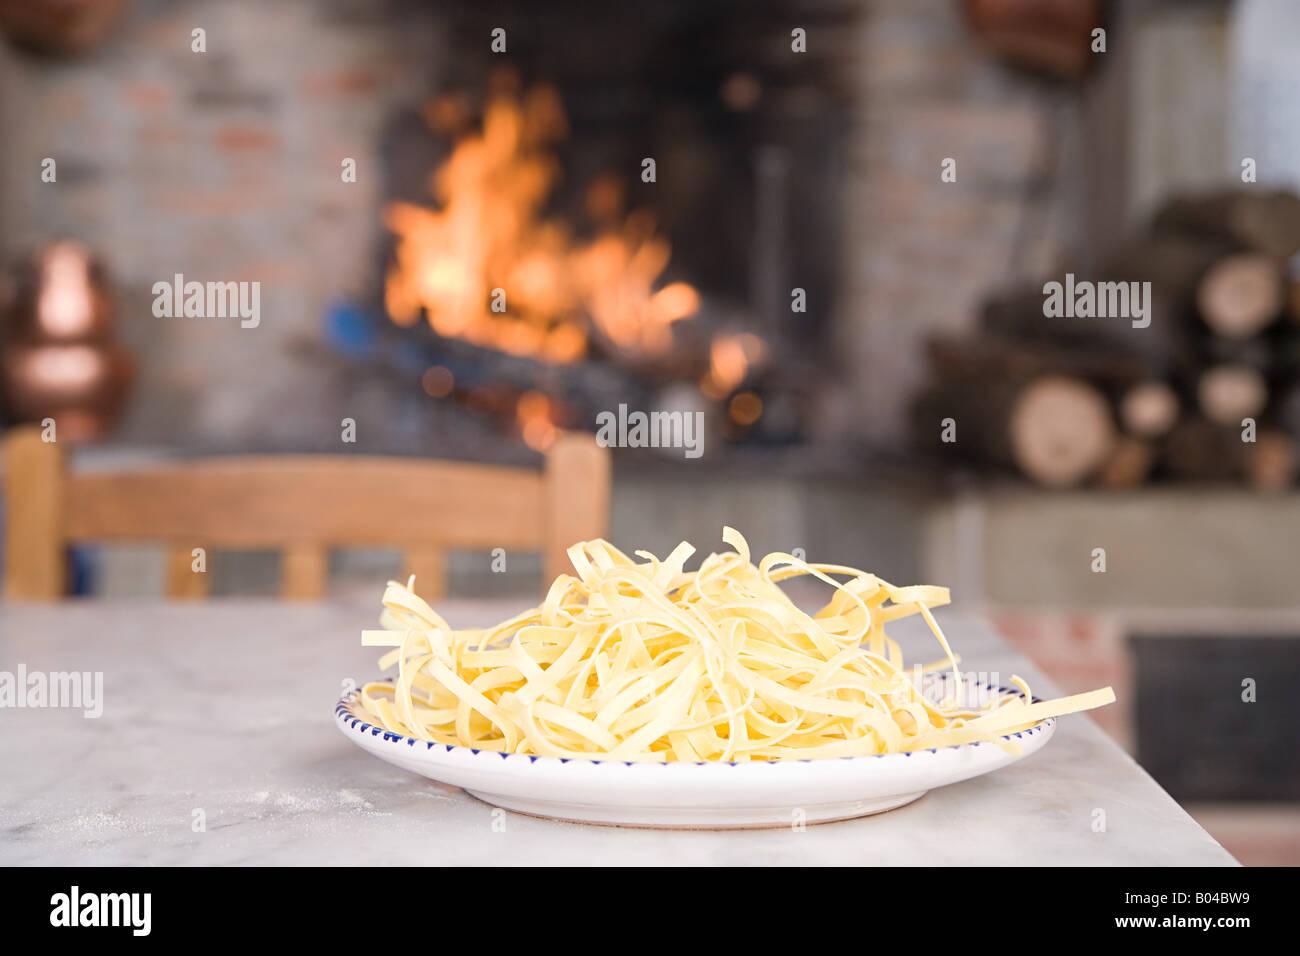 Spaghetti su una piastra Immagini Stock